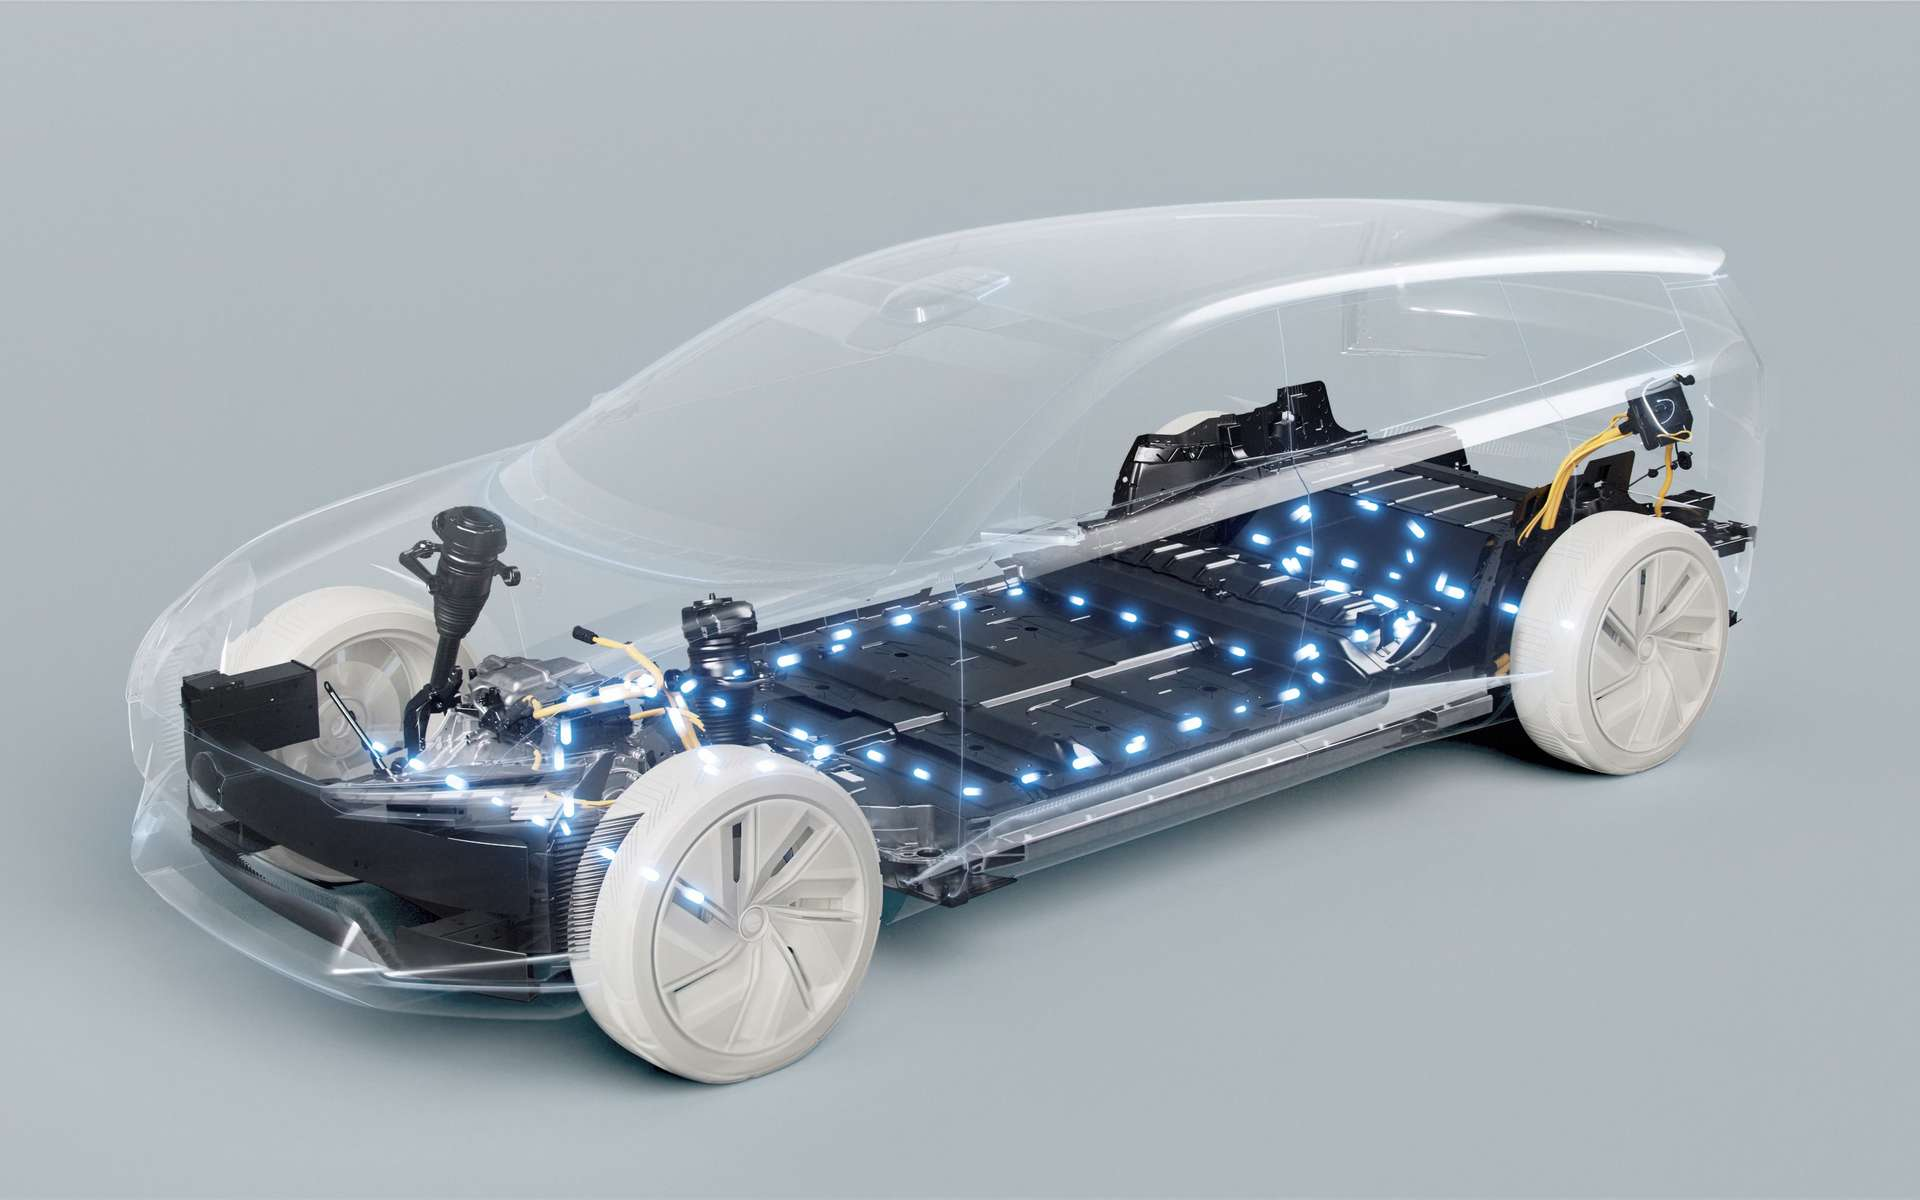 Les batteries représentent un axe de développement clé pour Volvo. © Volvo Cars